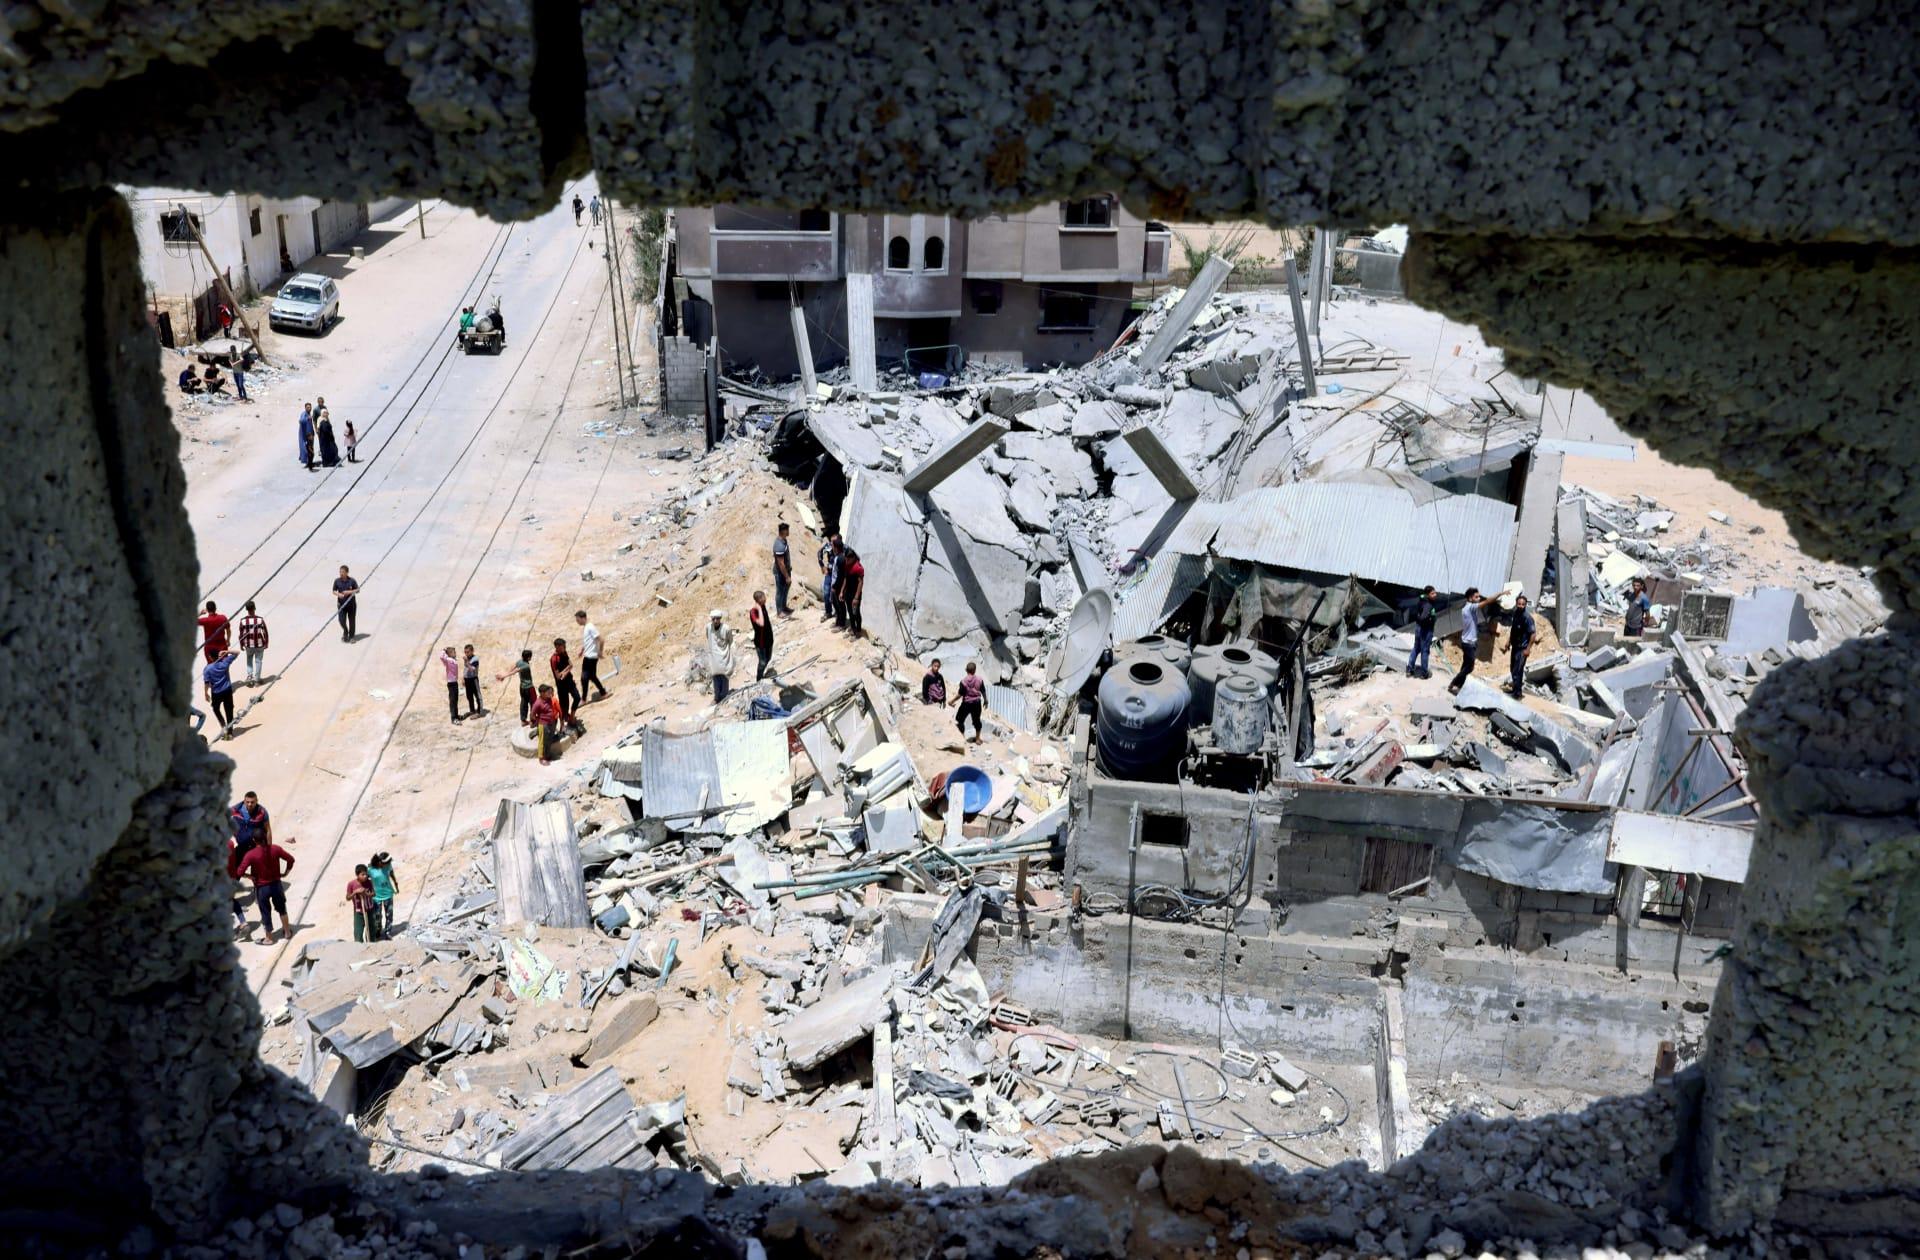 أكثر من 50 مليون دولار حجم الأضرار الاقتصادية في غزة